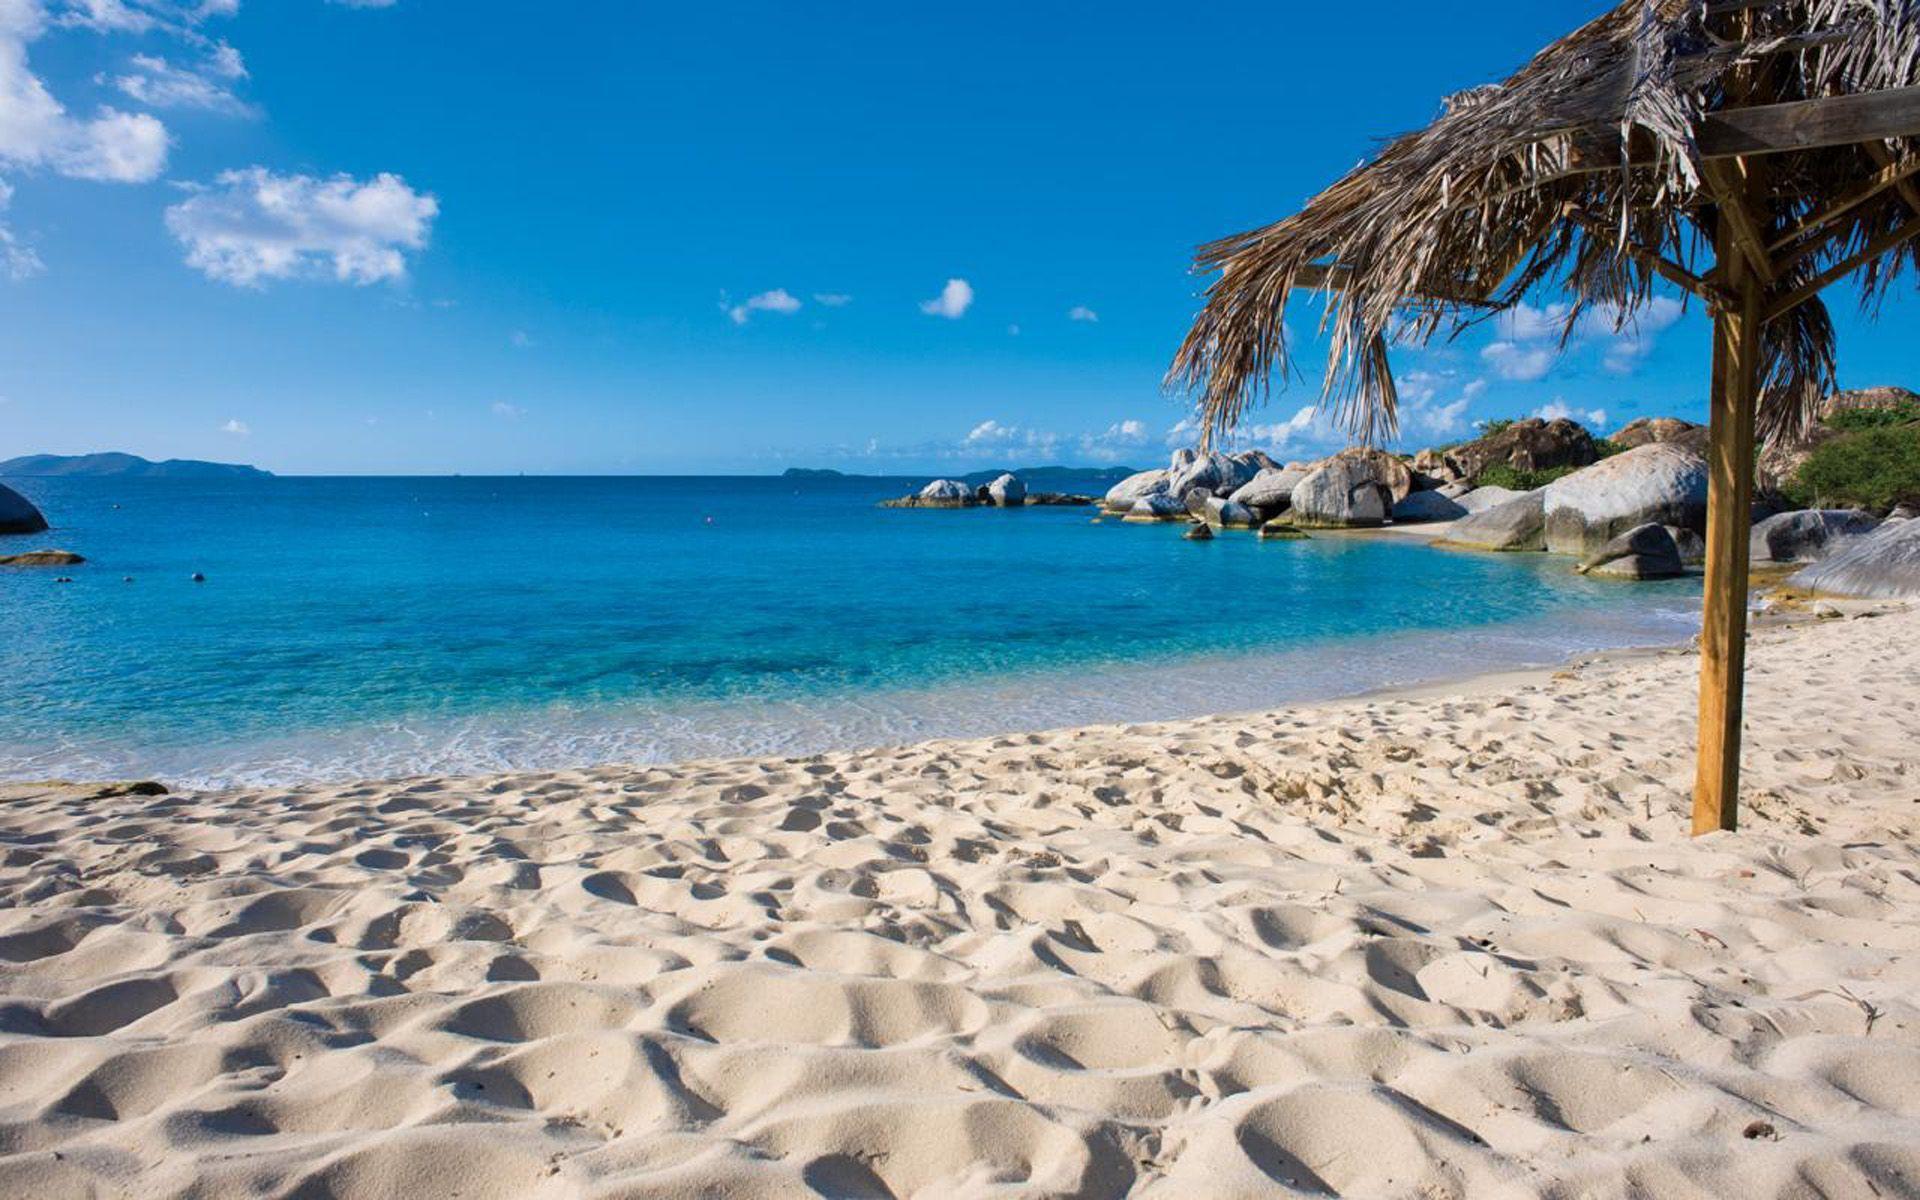 1920x1200 Thiên đường nhiệt đới Quần đảo nhiệt đới Seychelles Quần đảo Ấn Độ Dương Hình nền bãi biển có độ phân giải cao 1920x1200